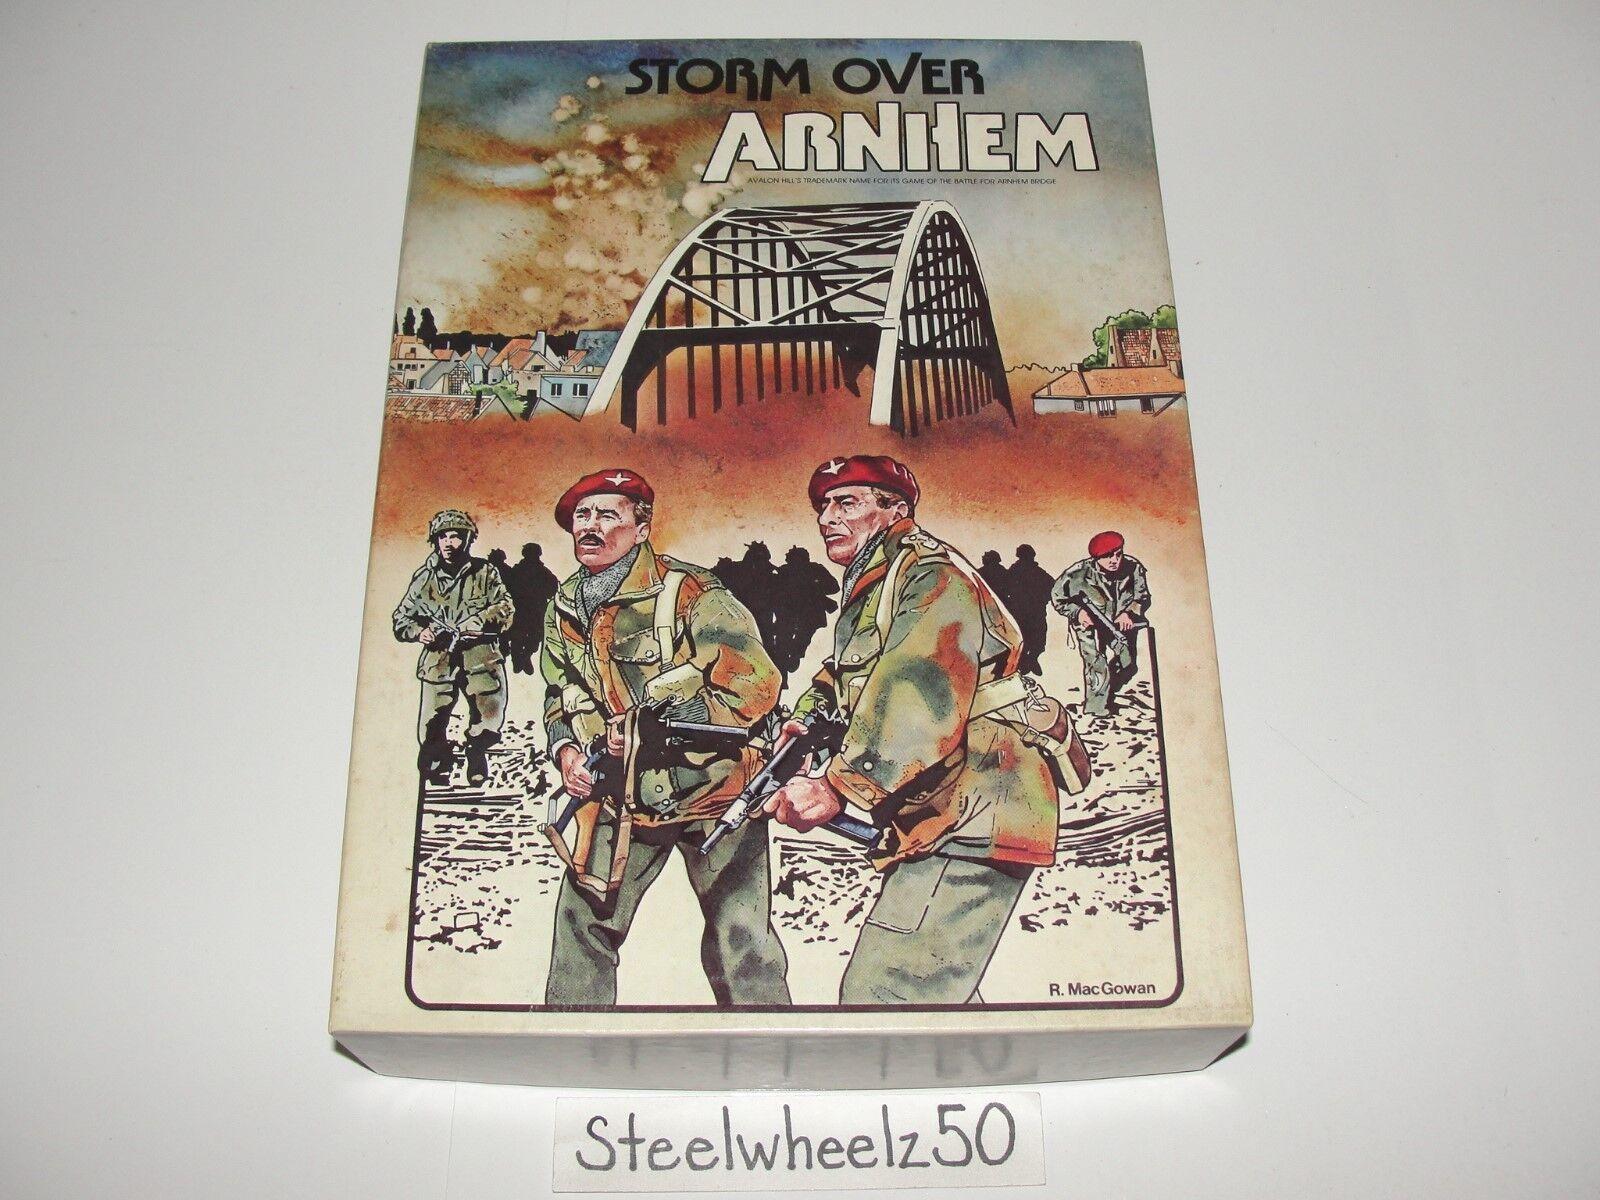 Storm Over  Arnhem Strategy gioco Avalon Hill 1981 librocase Battle For Bridge RARE  prezzi più bassi